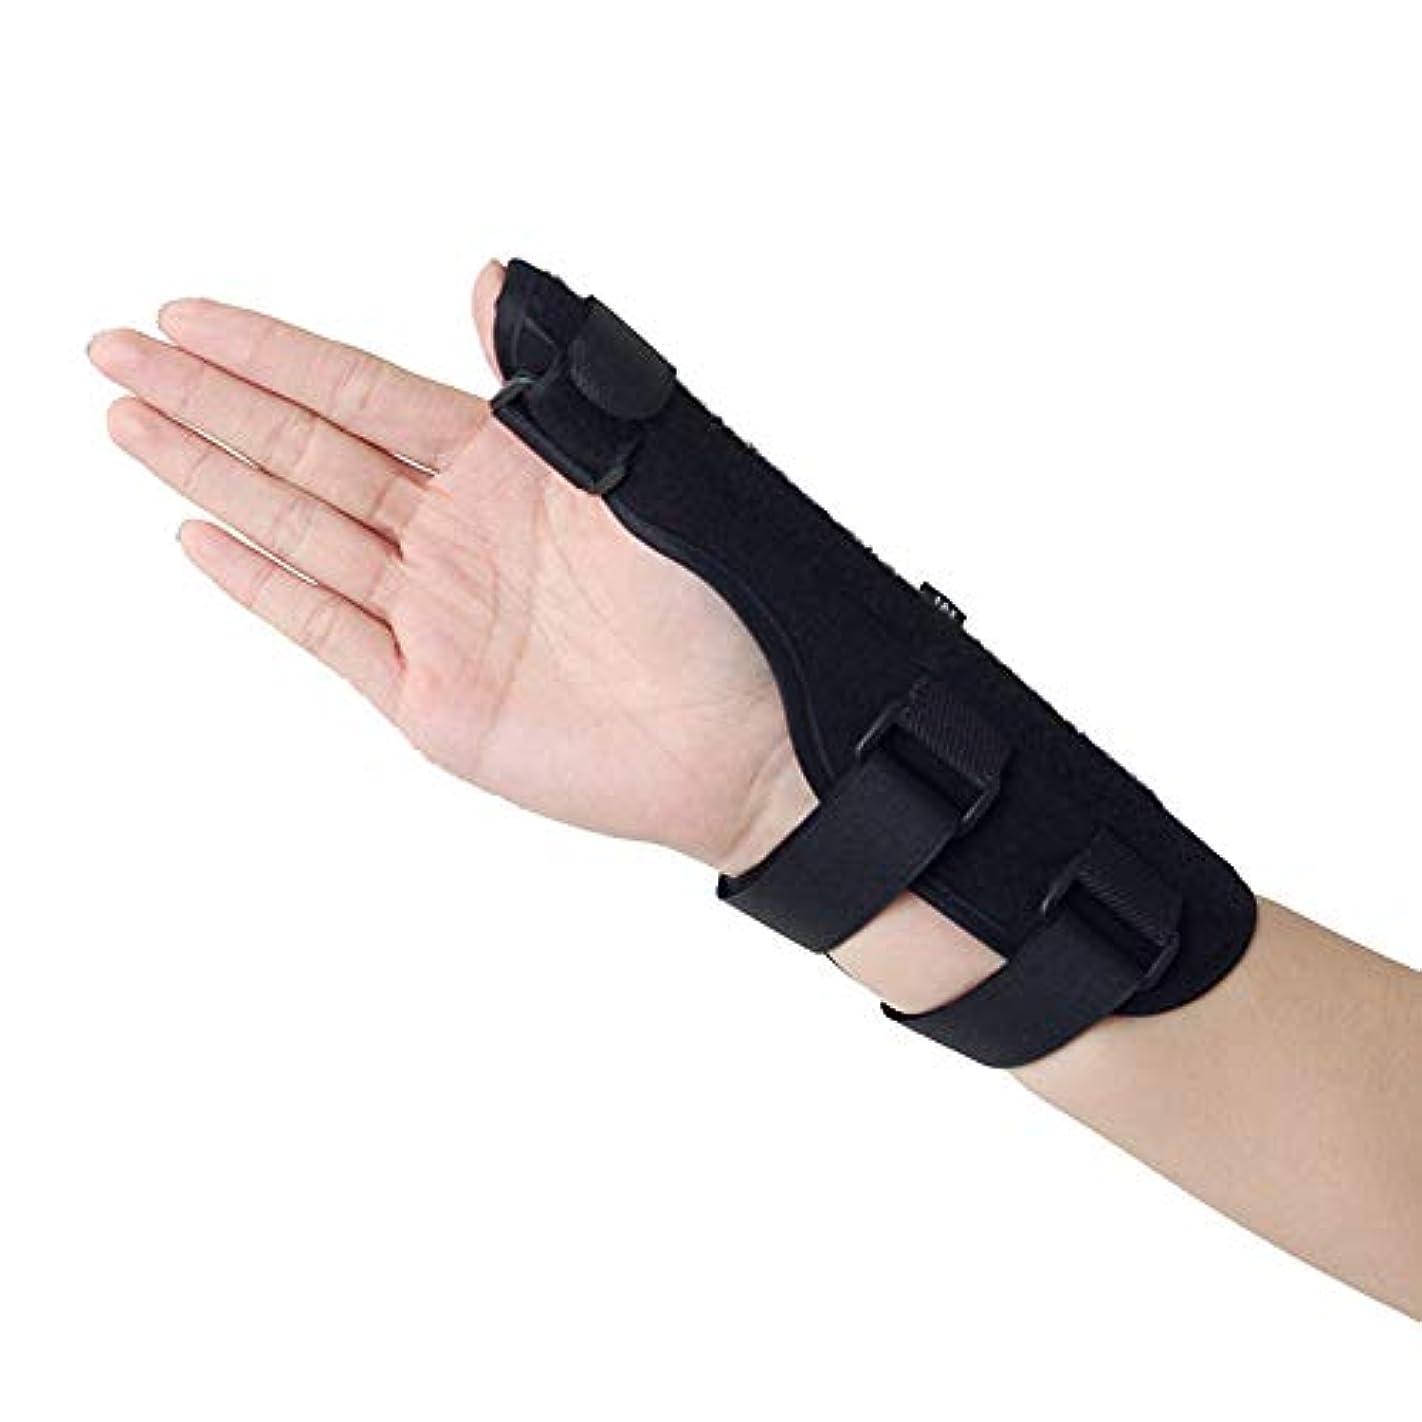 コンペ中国投げ捨てる親指サポート、手首サポート、関節炎、関節痛、腱炎、捻rain、手の不安定性イモビライザーに最適軽量で通気性